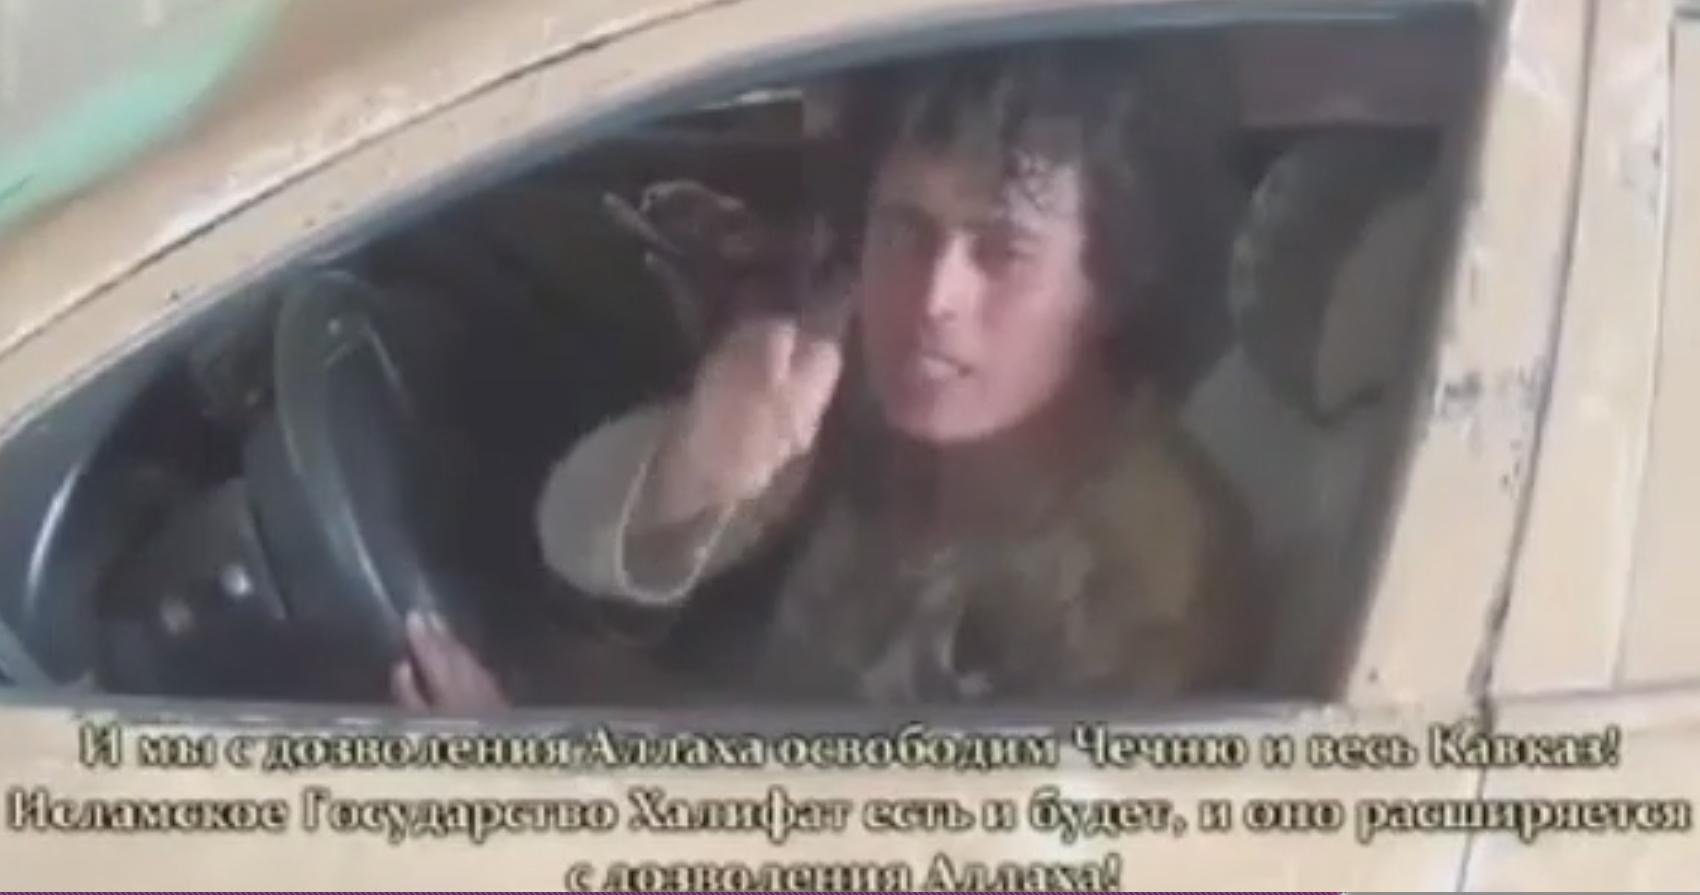 Боевики «Исламского государства» пообещали Путину «освободить» Чечню и Кавказ